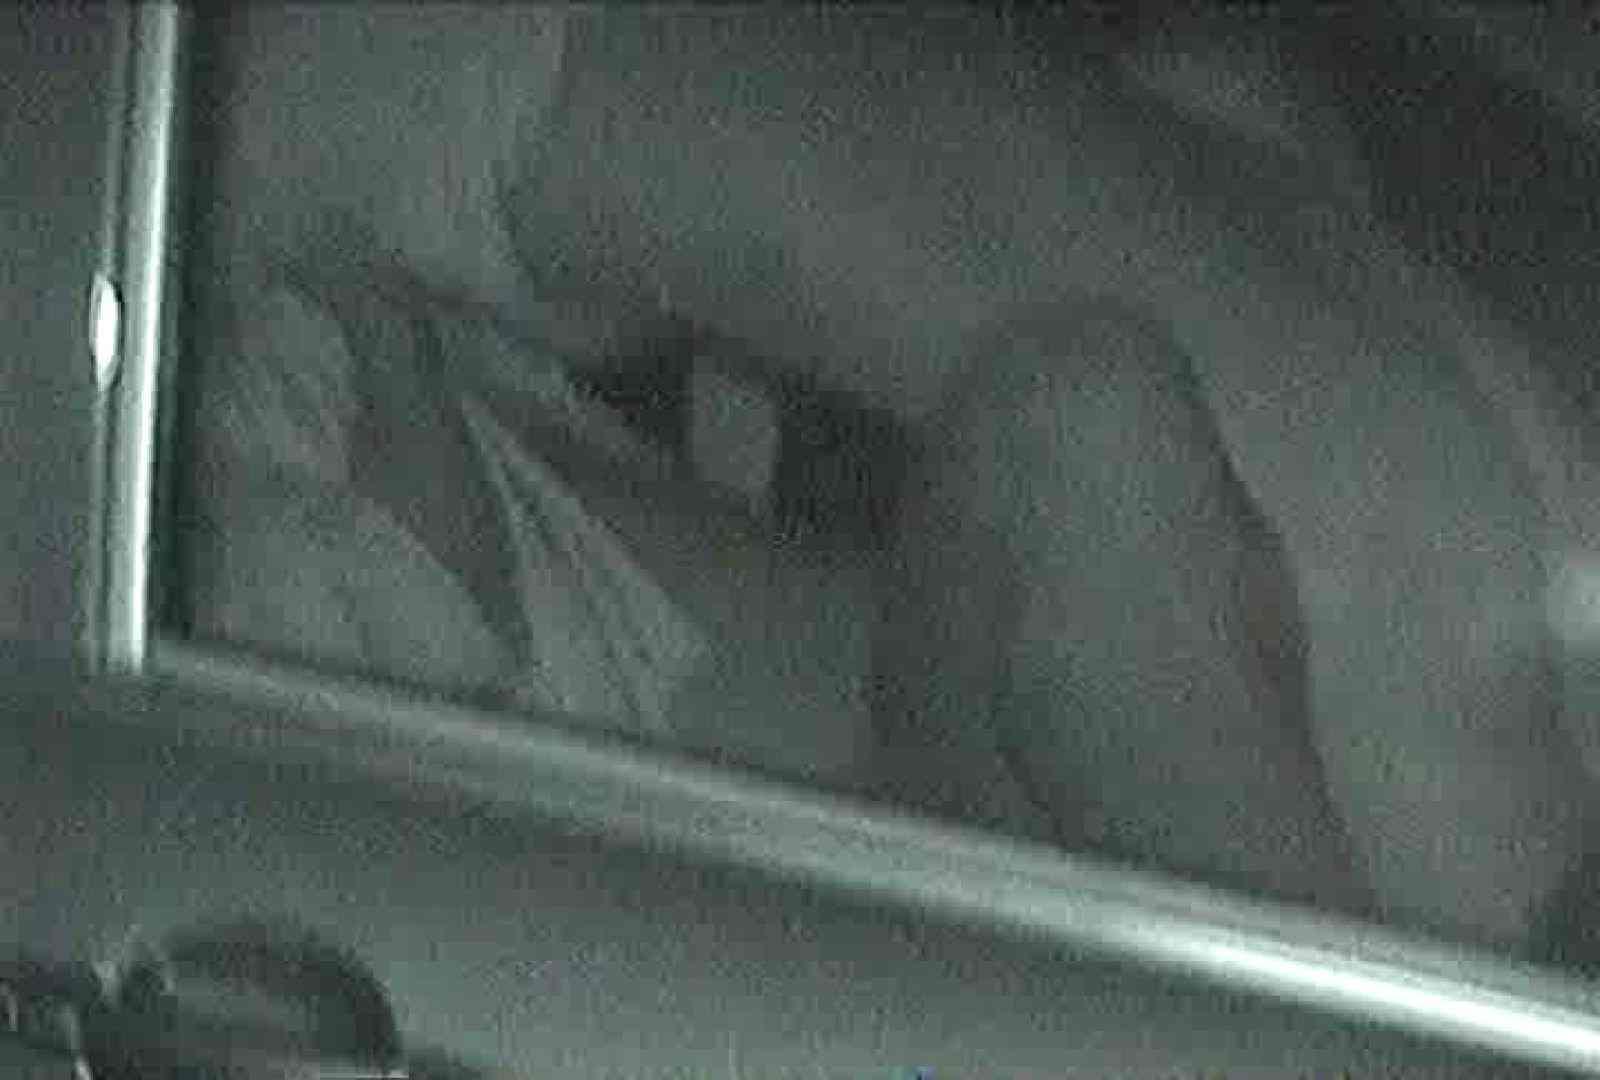 充血監督の深夜の運動会Vol.100 カップル盗撮 | エロティックなOL  107画像 37